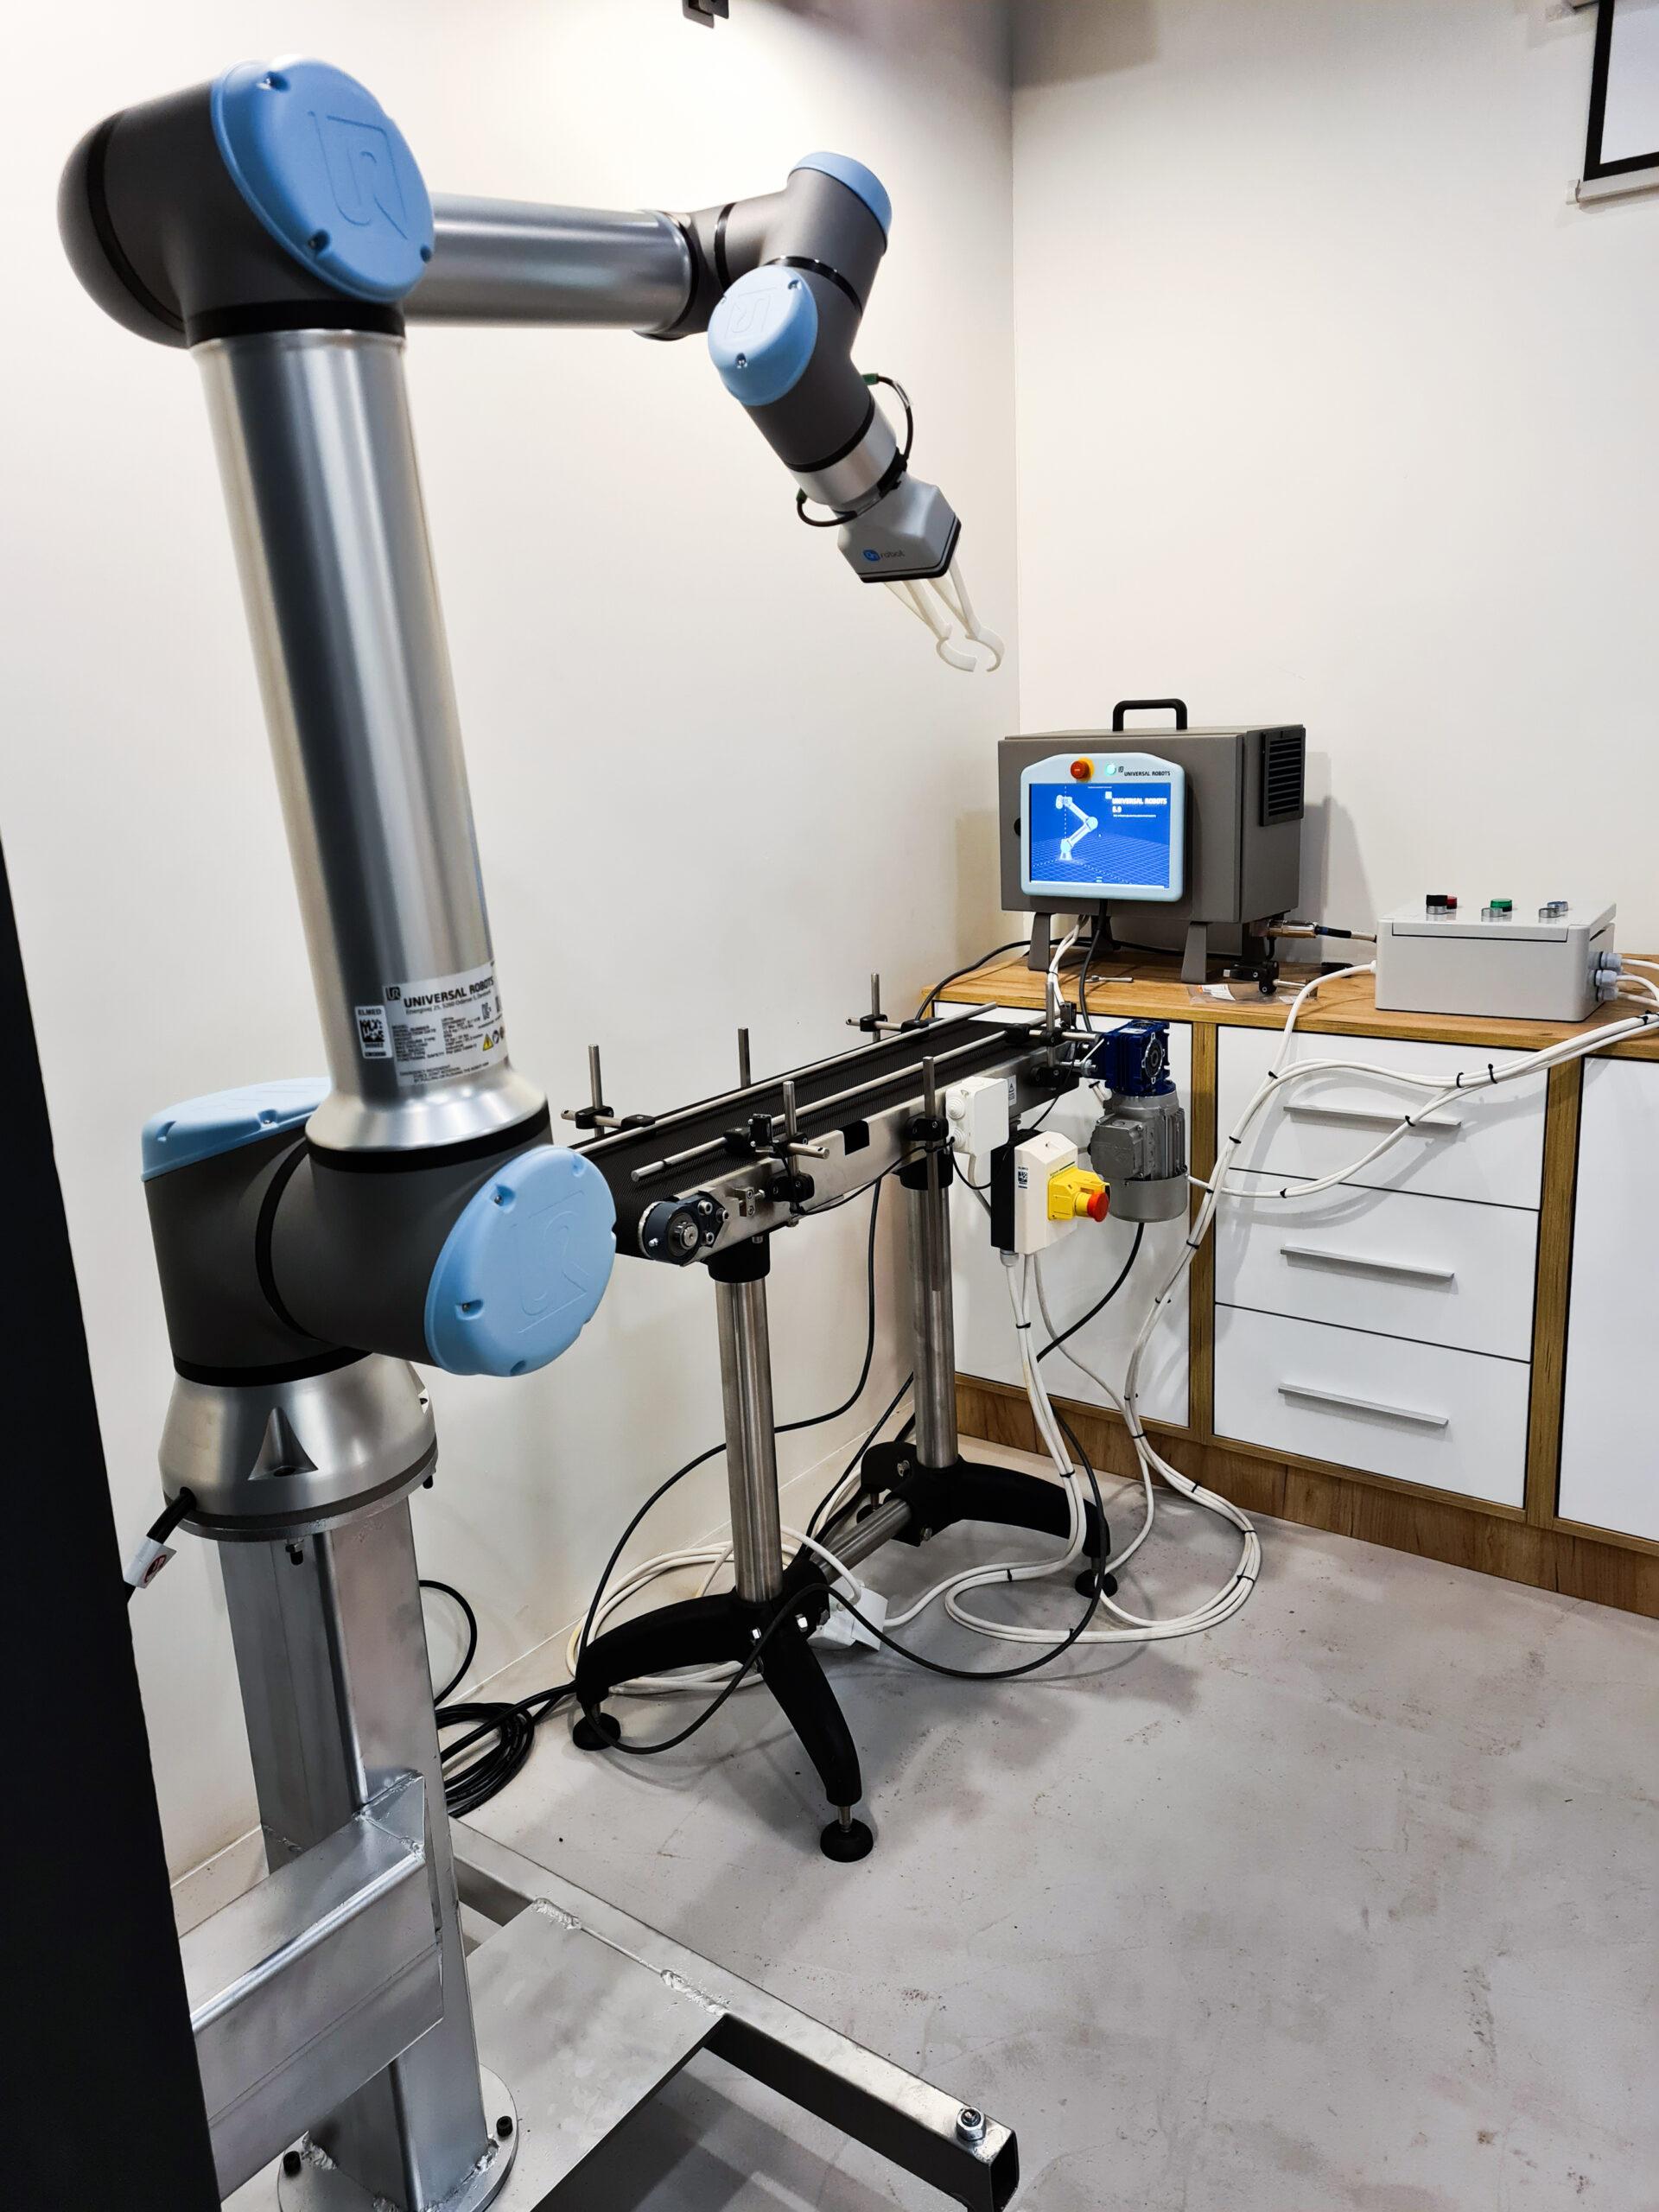 obuka robot01 scaled